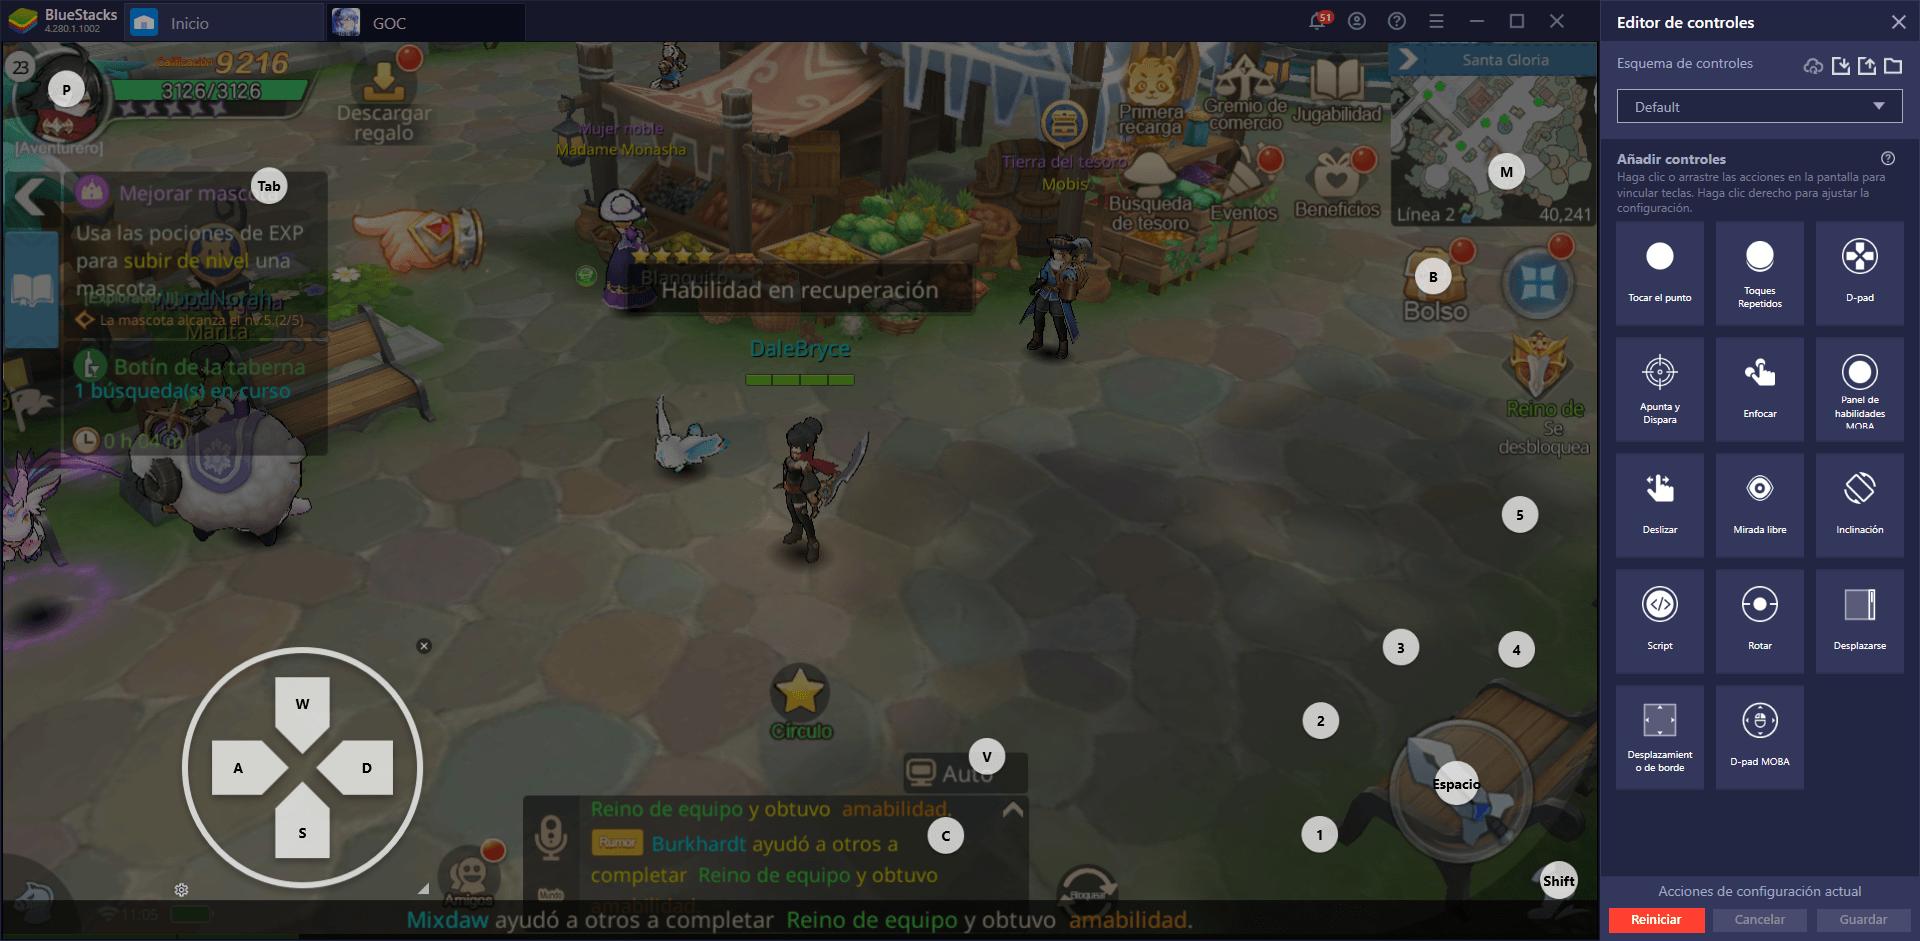 Guardians of Cloudia en PC – Cómo Usar las Herramientas de BlueStacks a tu Favor en Este MMORPG Para Móviles